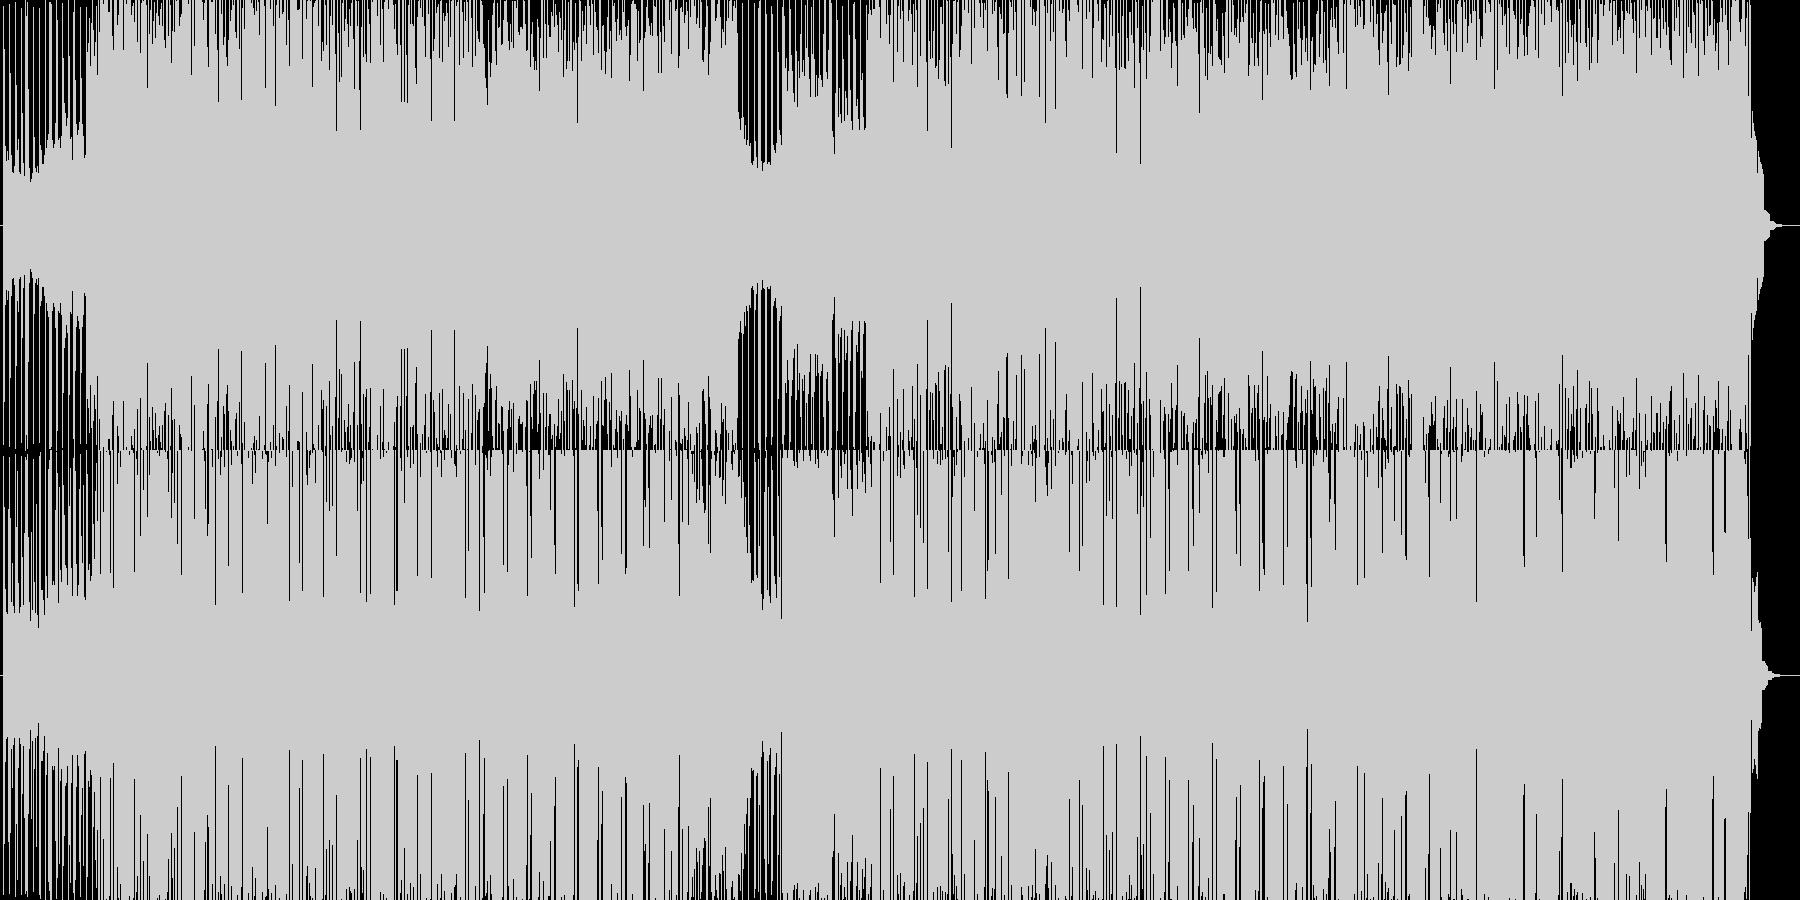 シンセサイザーの音源を中心にうねうね動…の未再生の波形